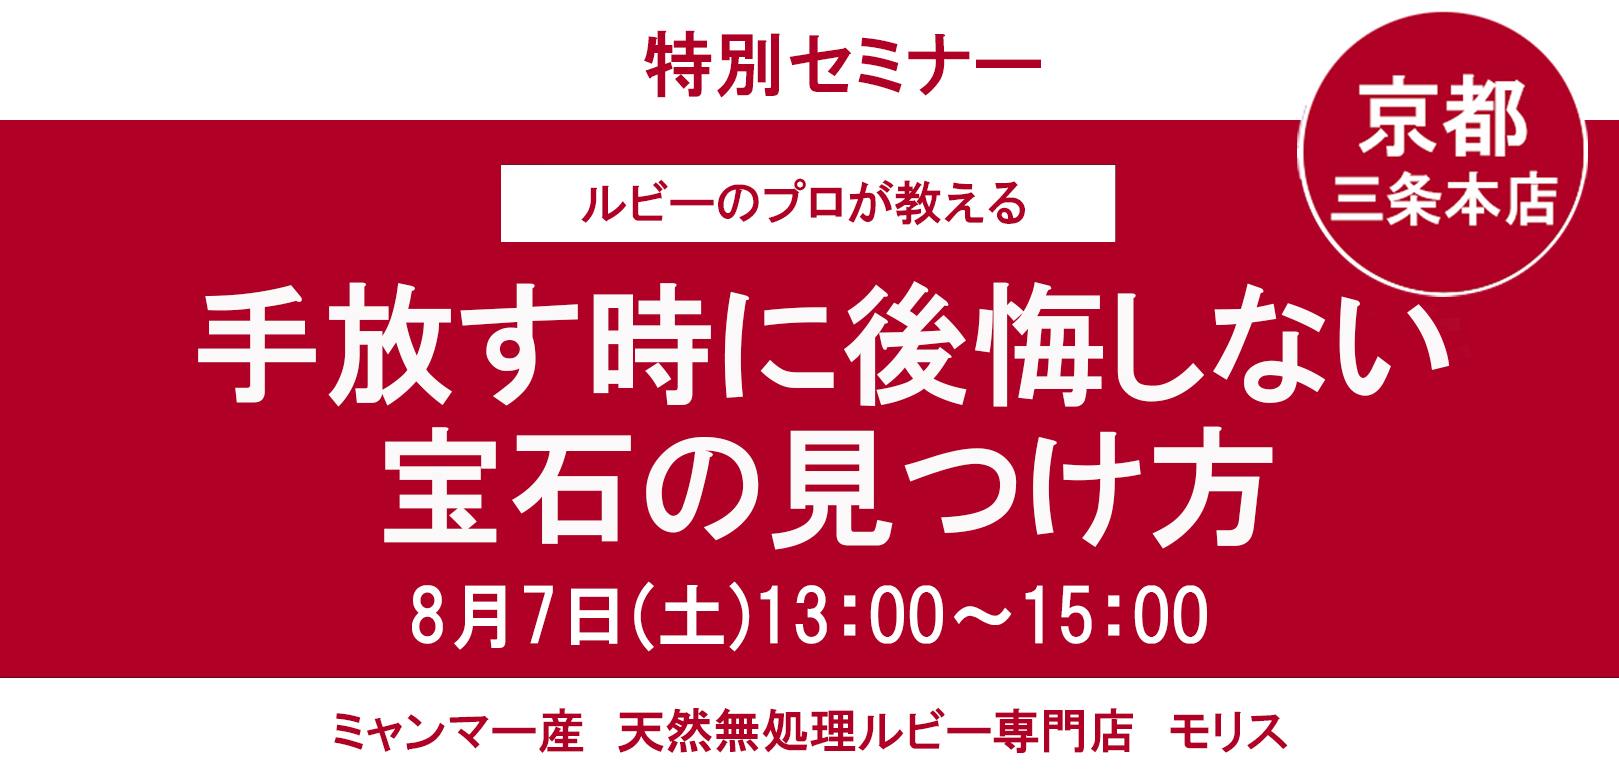 セミナータイトル京都8月